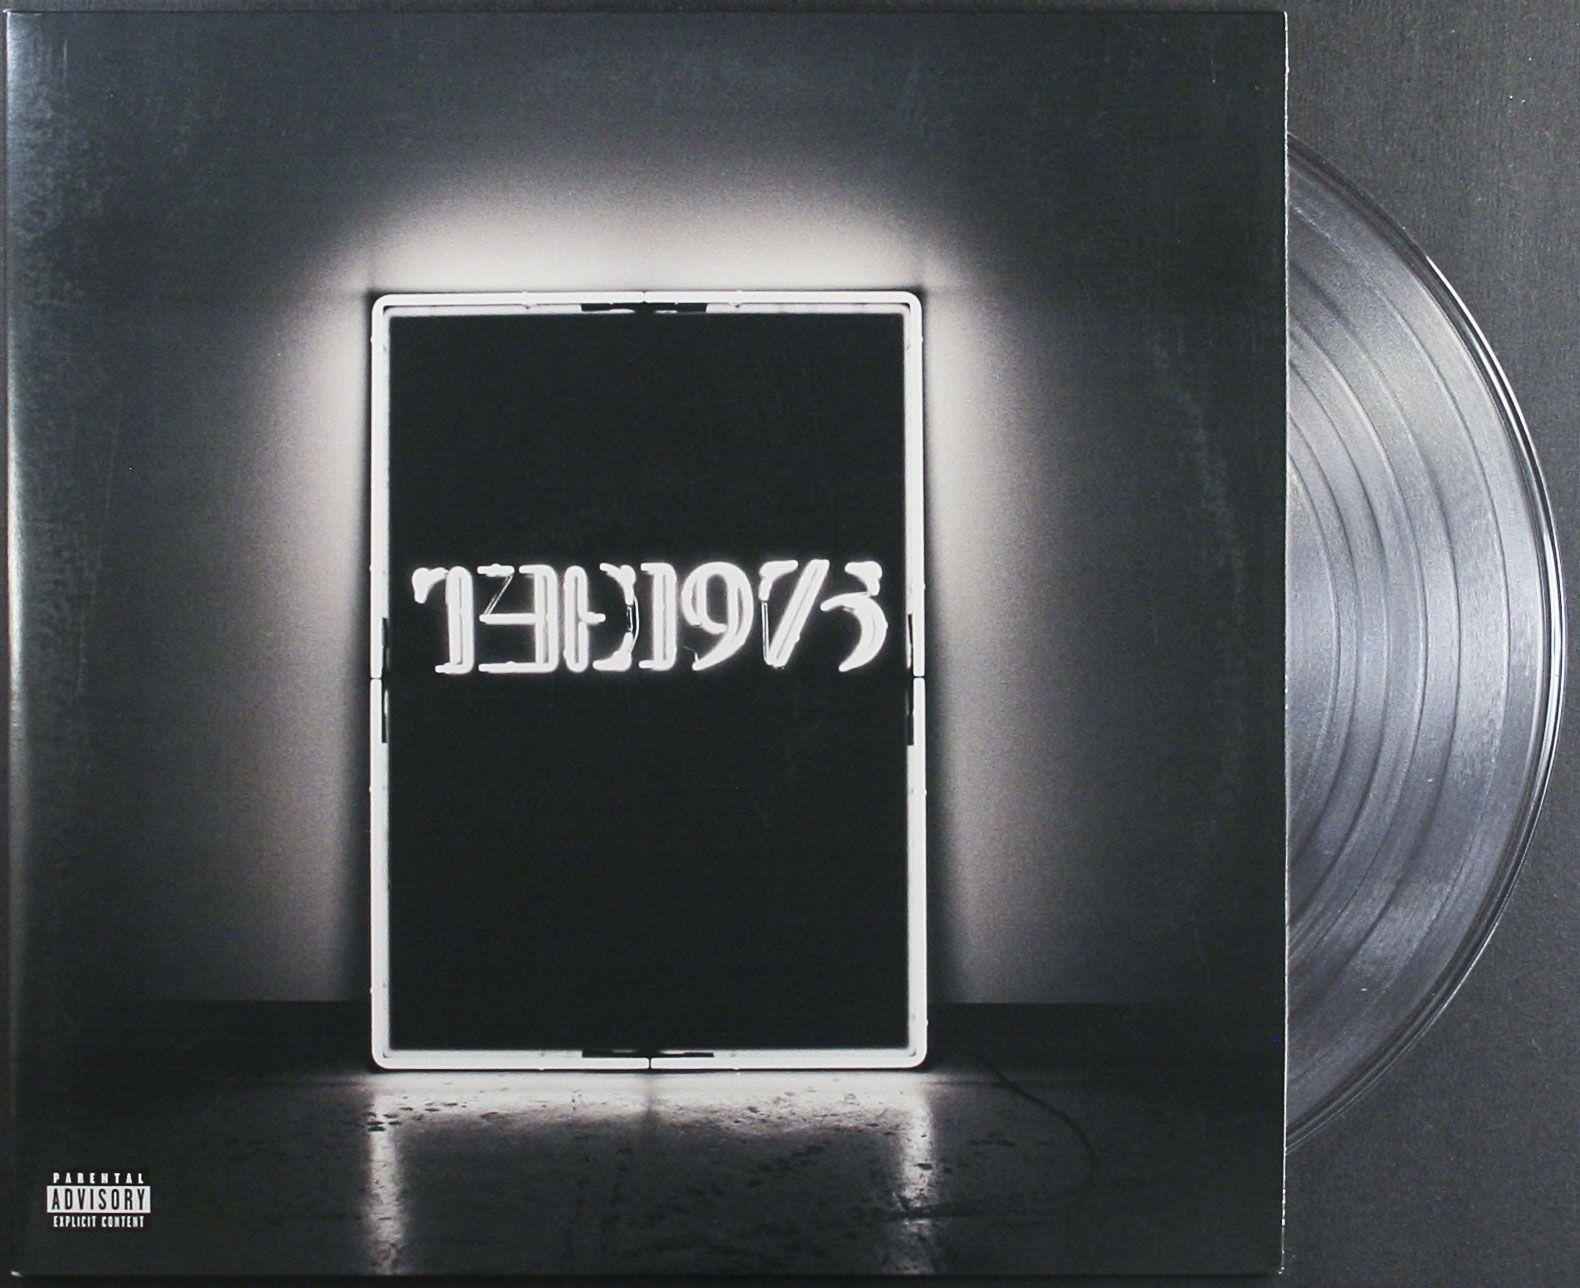 The 1975 Clear Vinyl Lp Clear Vinyl Vinyl The 1975